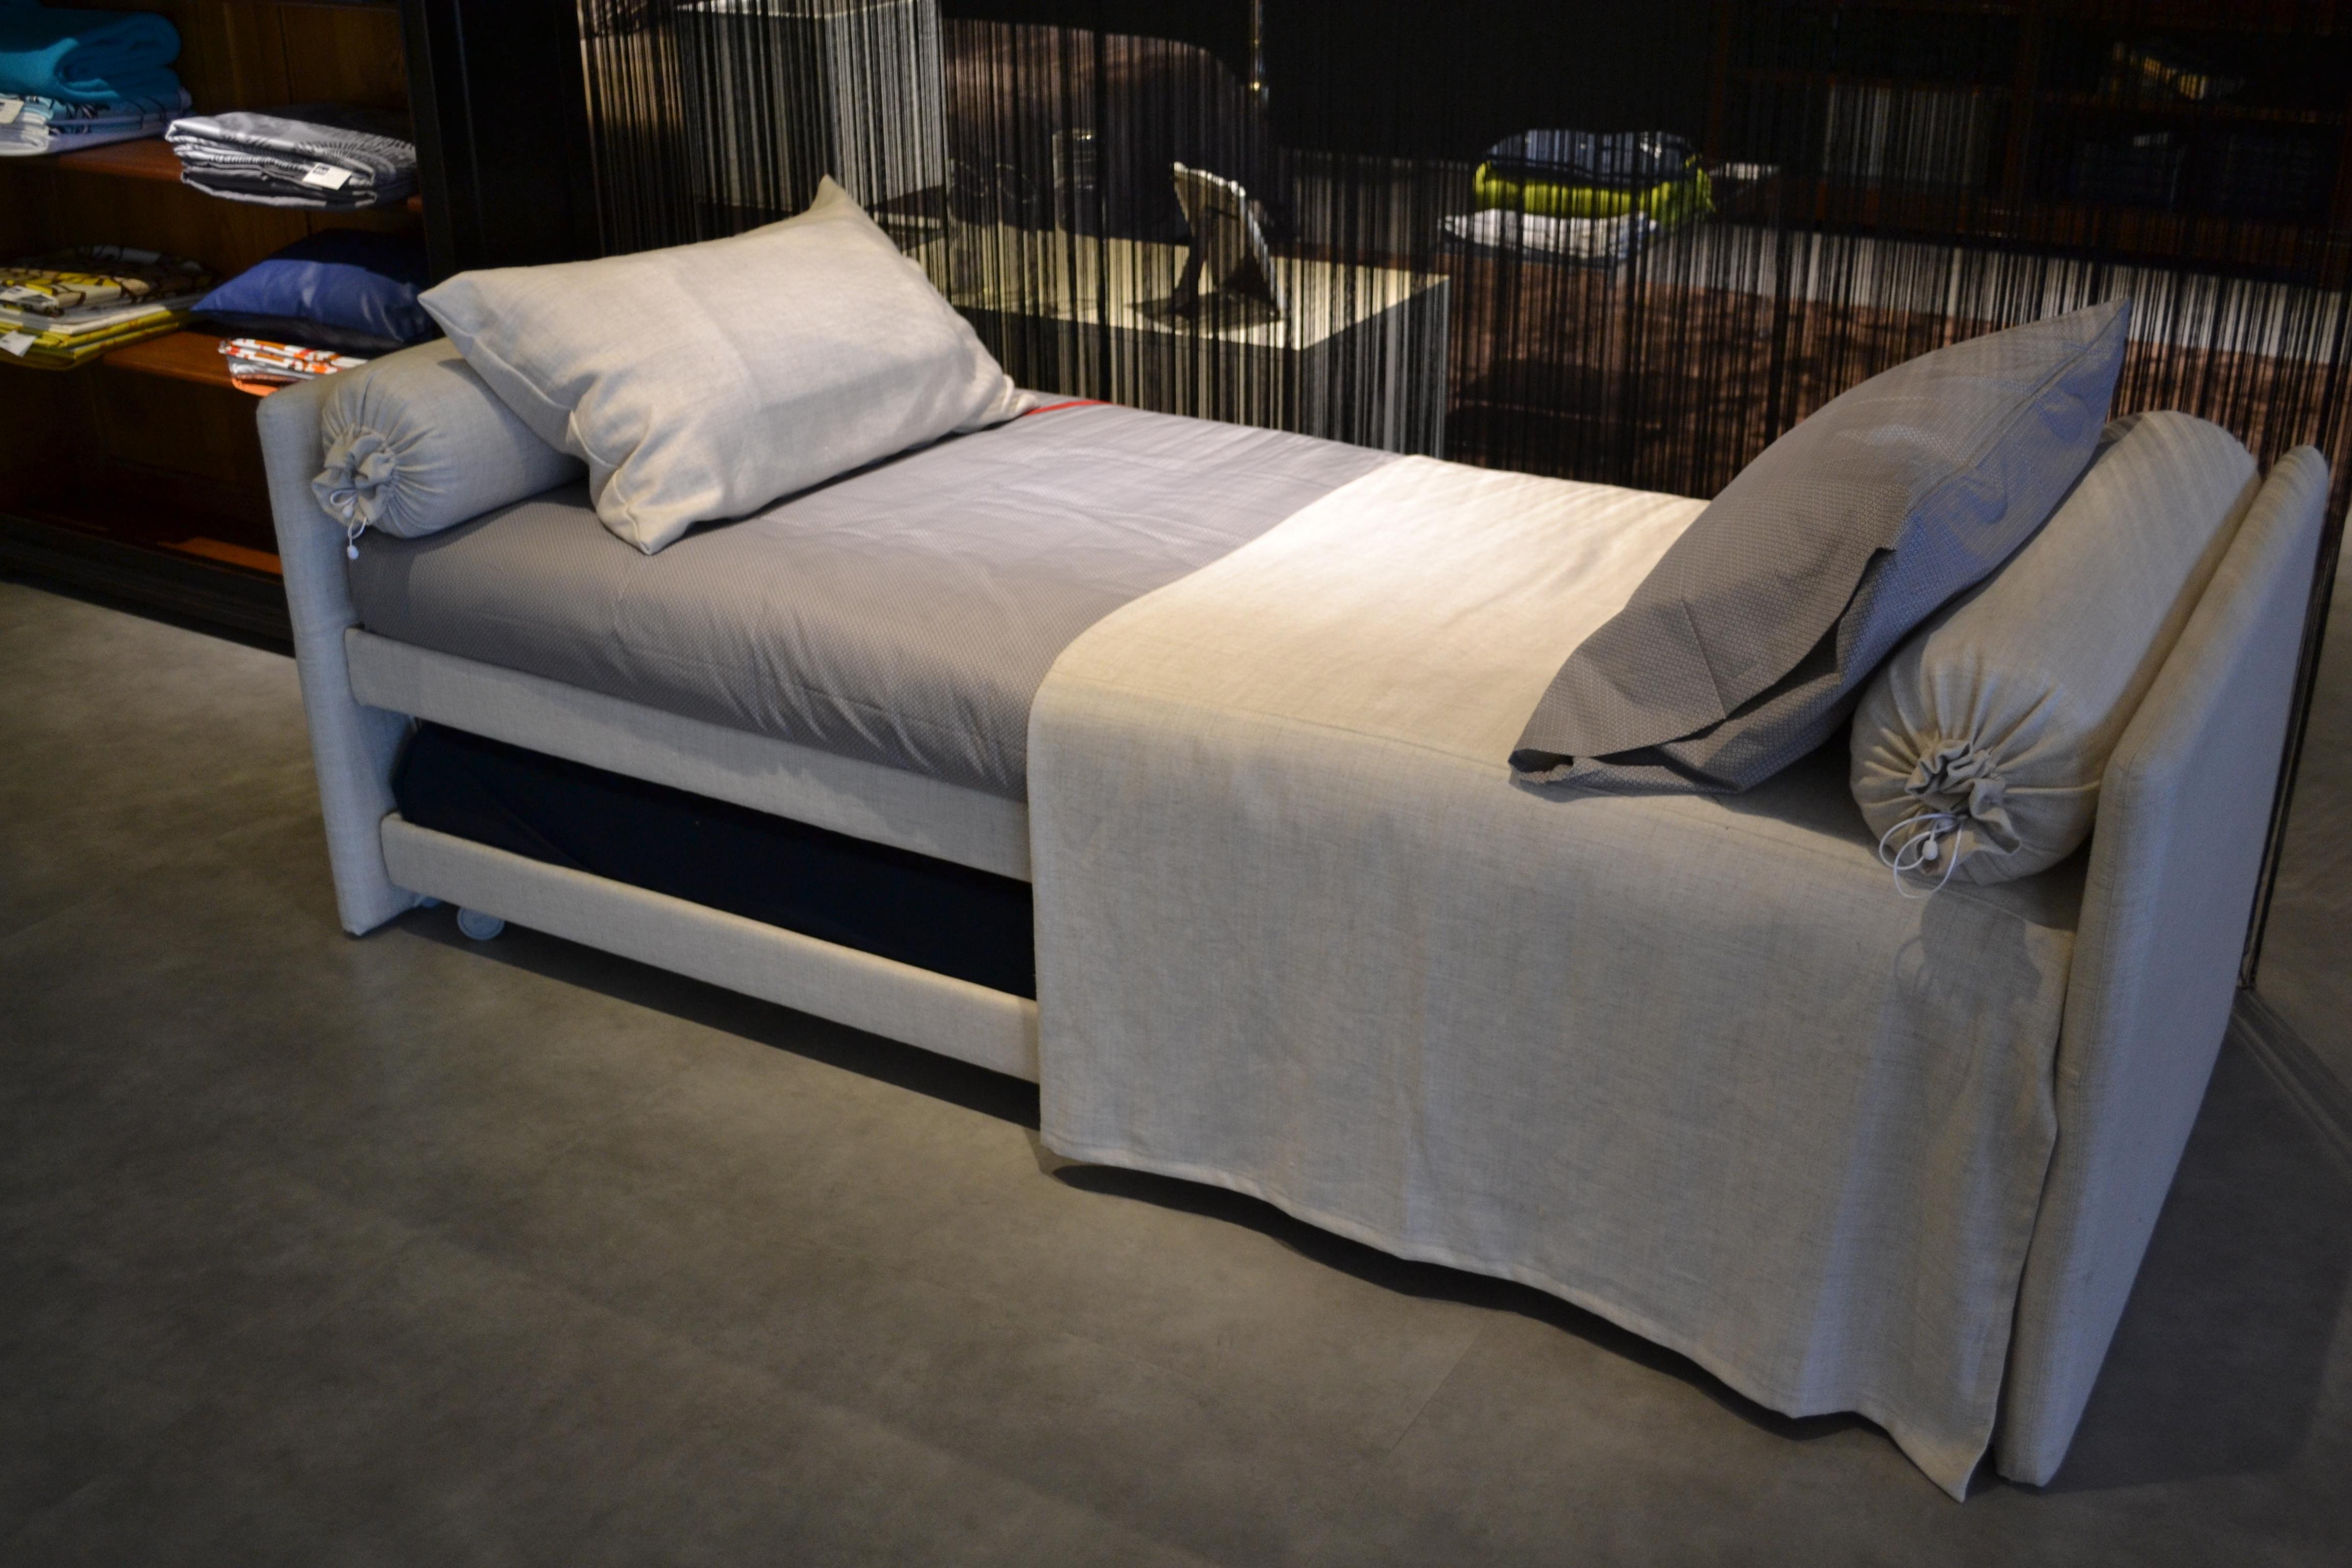 Divani Letto Flou ~ Idee Creative su Design Per La Casa e Interni